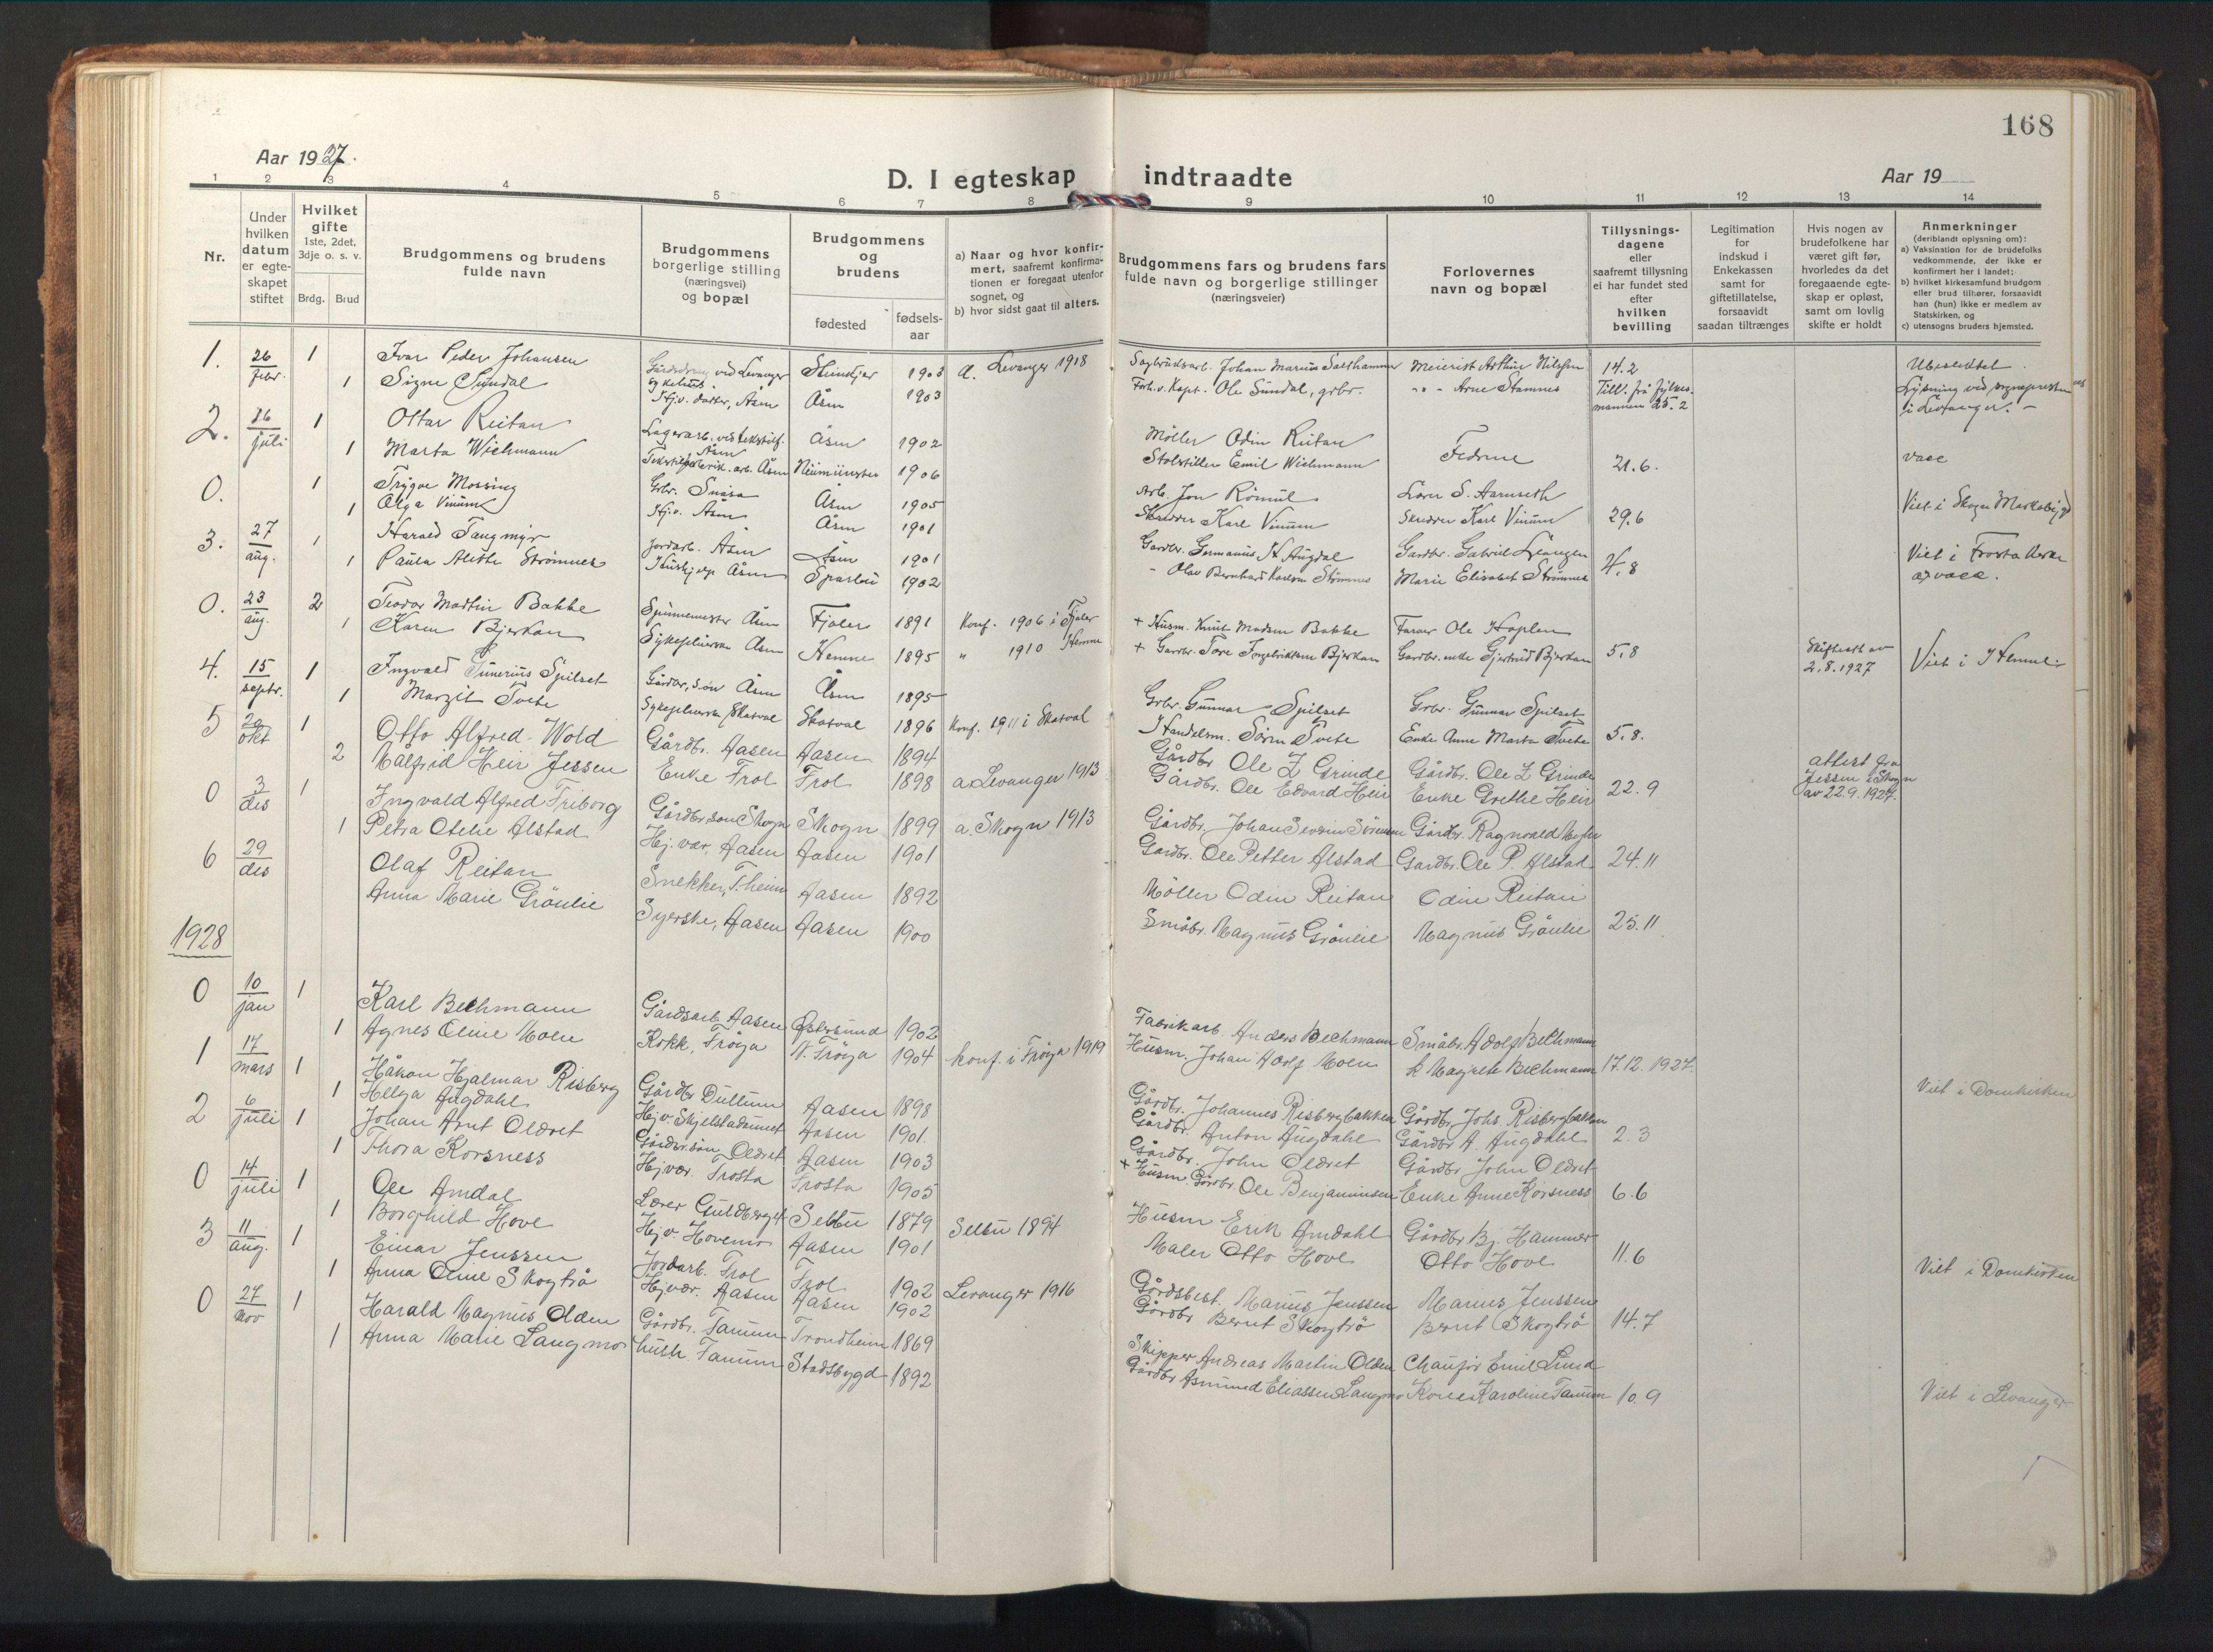 SAT, Ministerialprotokoller, klokkerbøker og fødselsregistre - Nord-Trøndelag, 714/L0136: Klokkerbok nr. 714C05, 1918-1957, s. 168